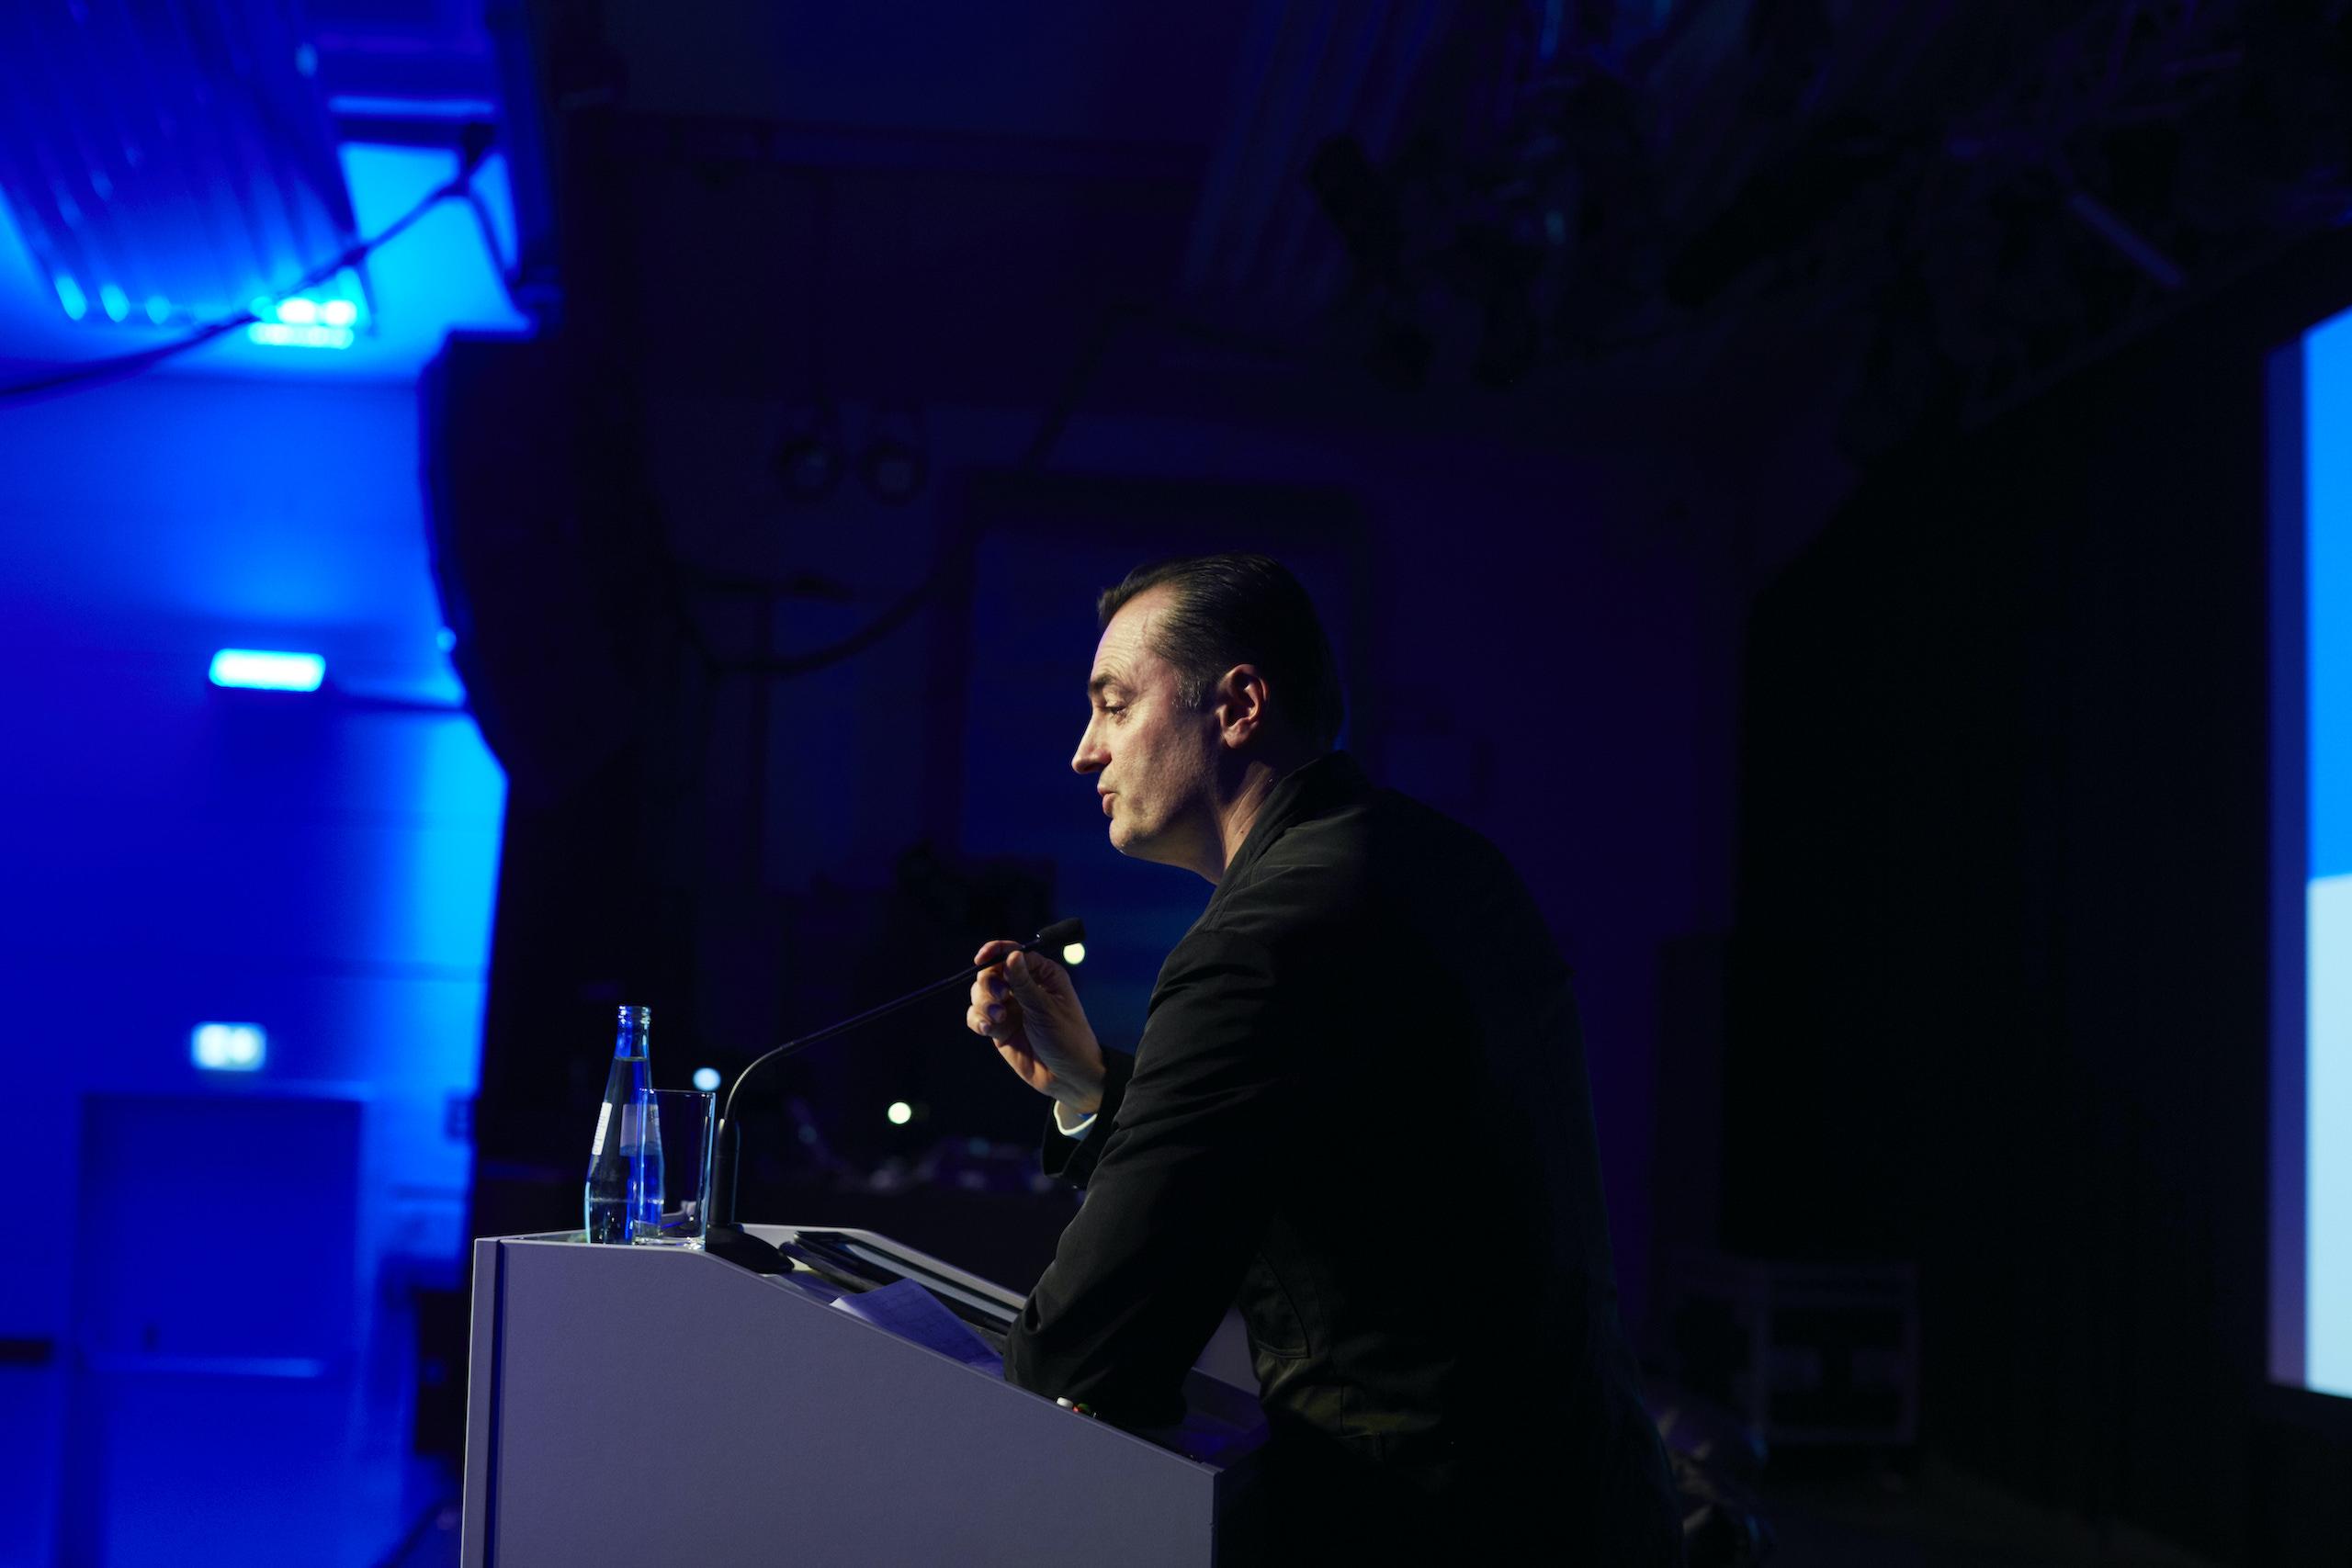 Sprecher Patrick Schumacher Architecture Matters Konferenz 2017 Technikum, München